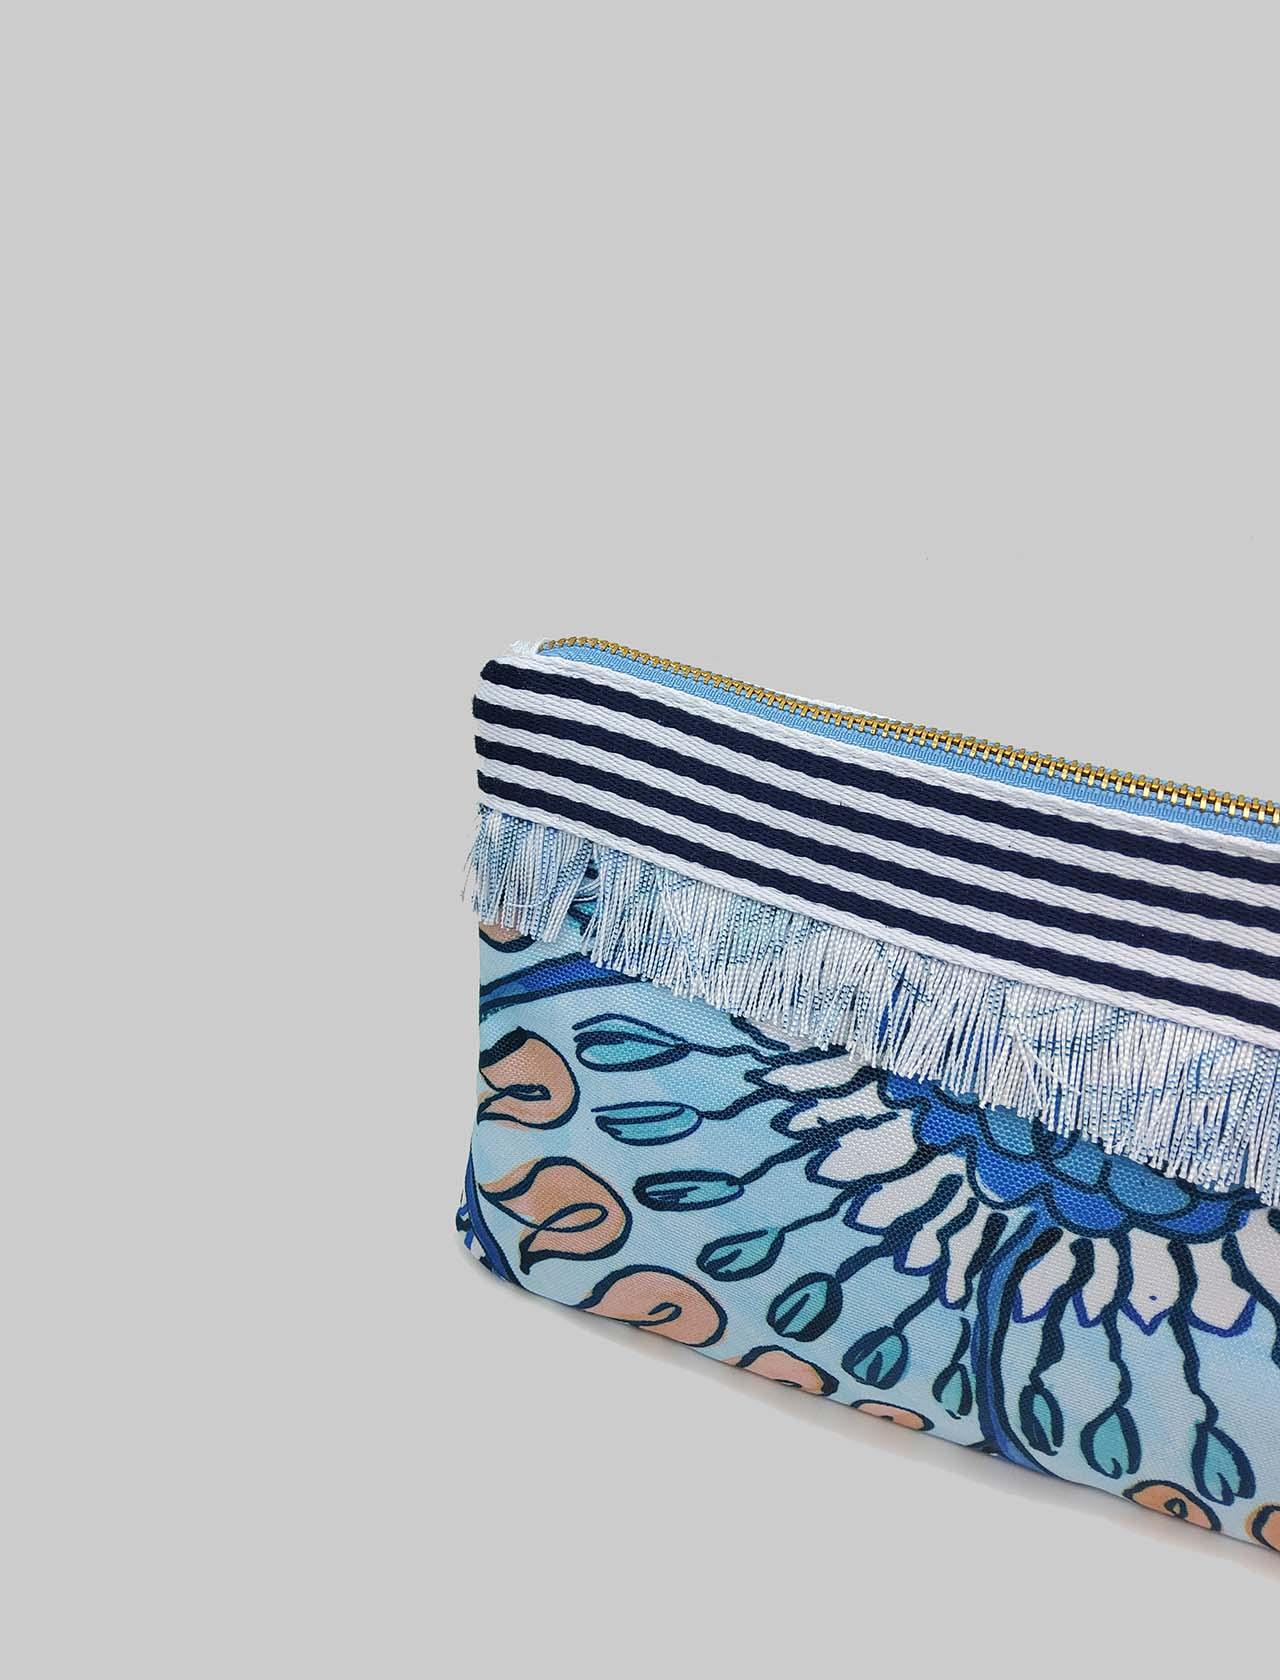 Accessori Donna Borsa Pouch Summer Breakfast in Cotone Azzurro e Blu Maliparmi | Borse e zaini | OP008610134A1846